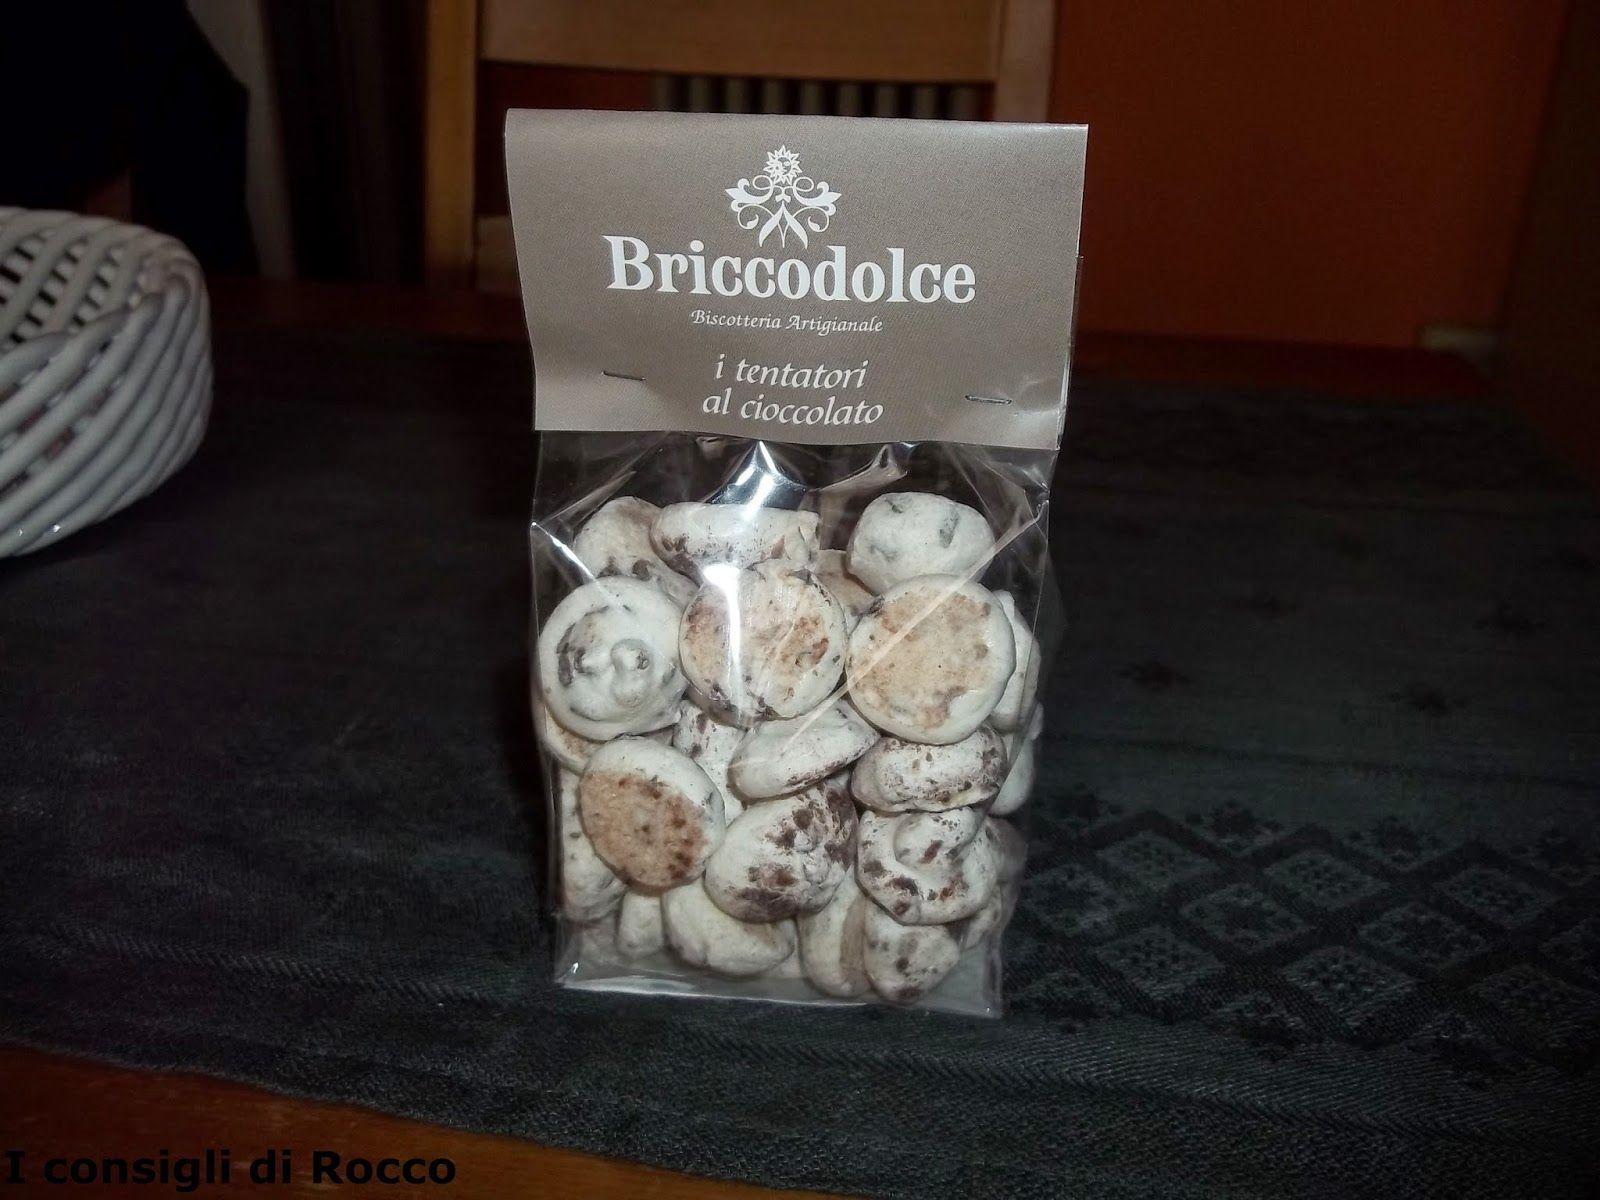 I tentatori al cioccolato Briccodolce